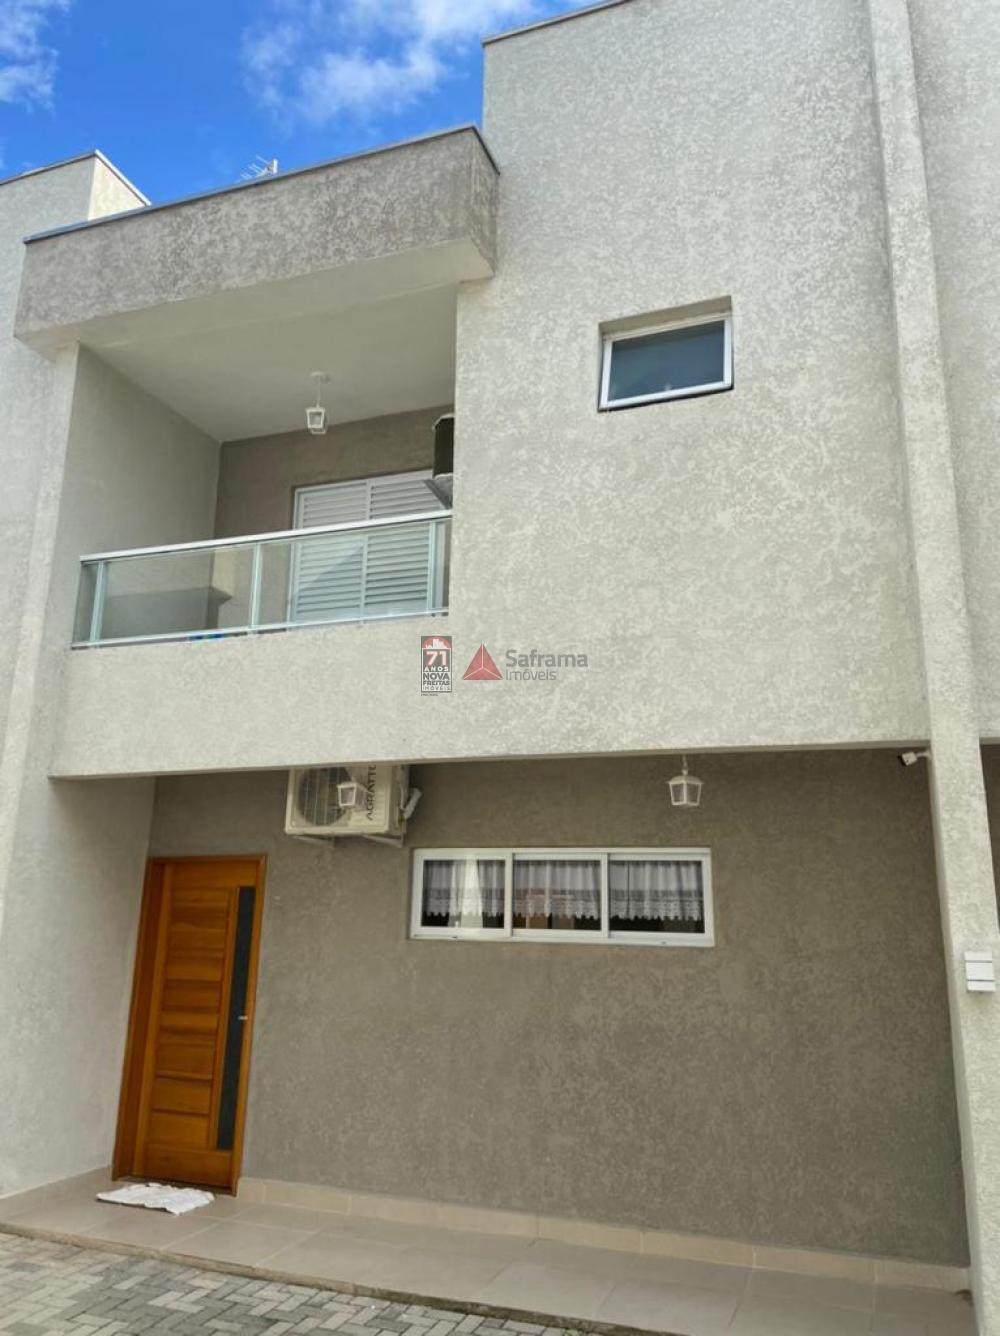 Comprar Casa / Condomínio em Caraguatatuba R$ 395.000,00 - Foto 2